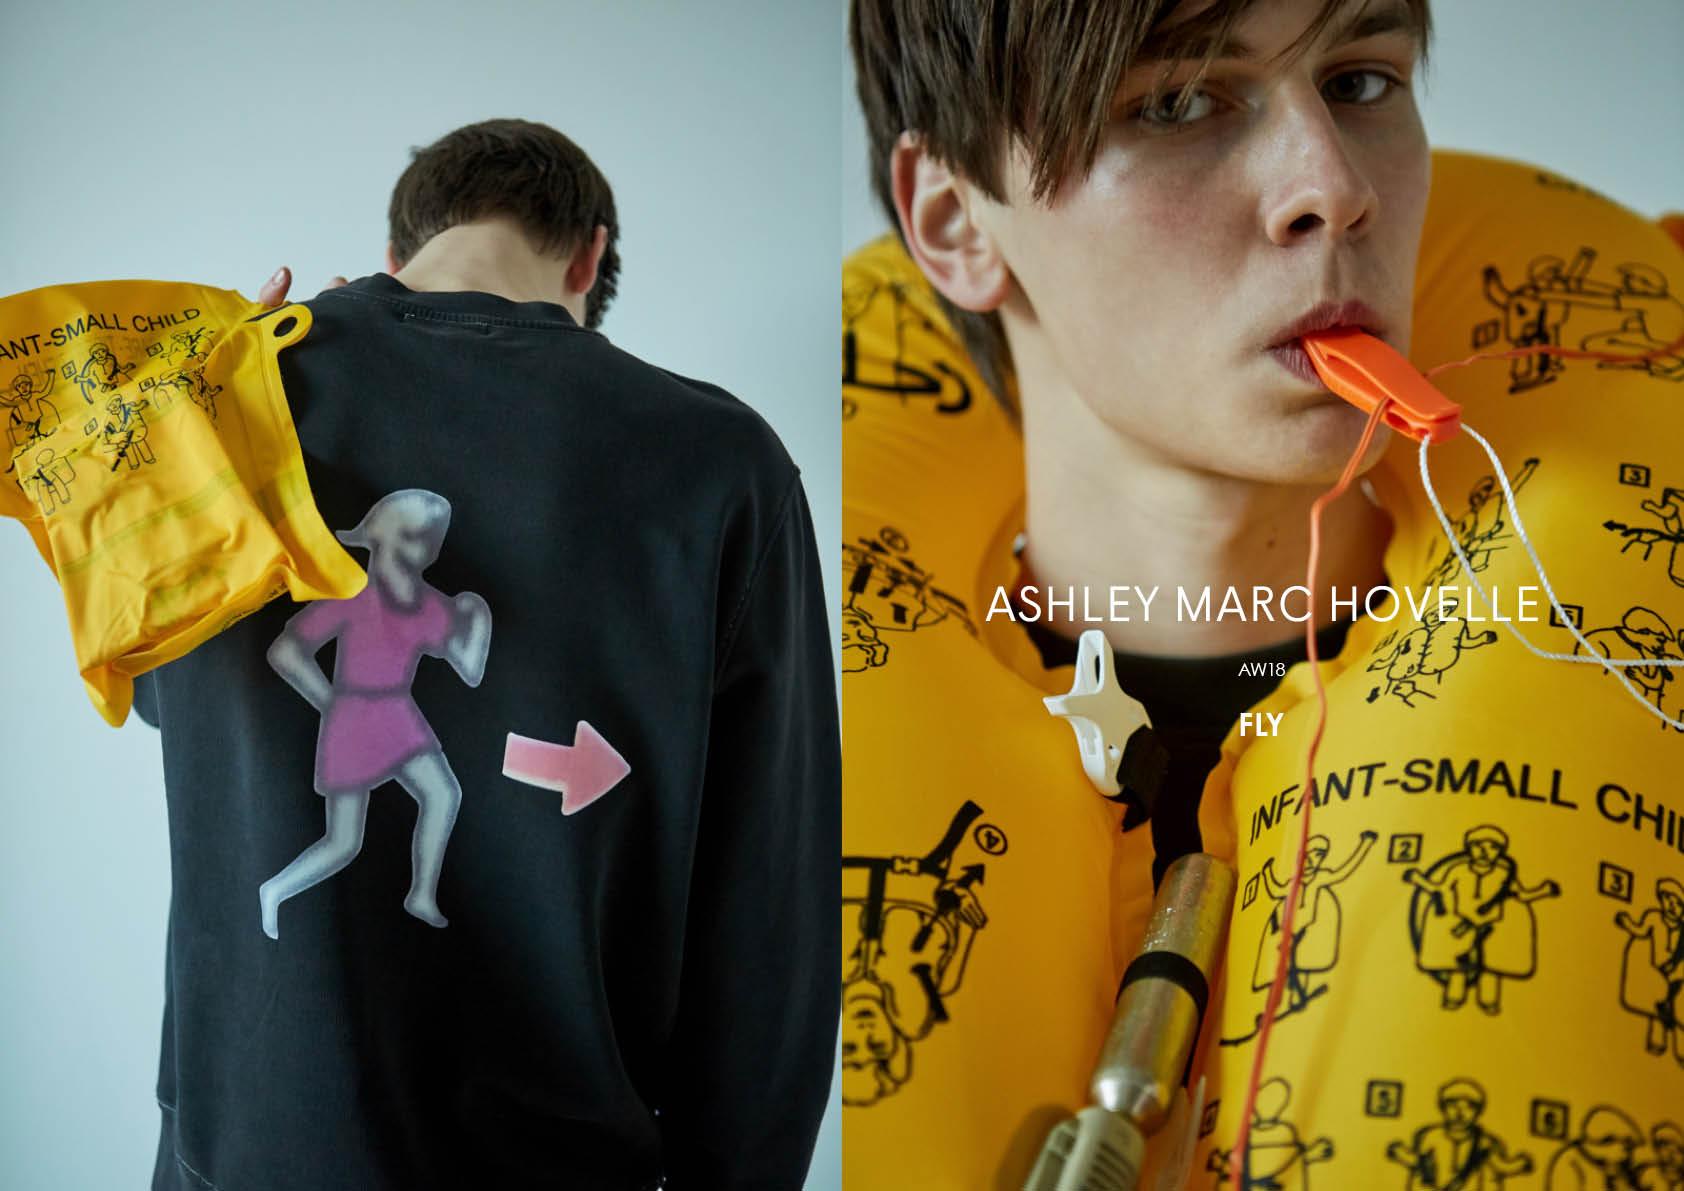 Ashley Marc Hovelle aw18 fly online36.jpg